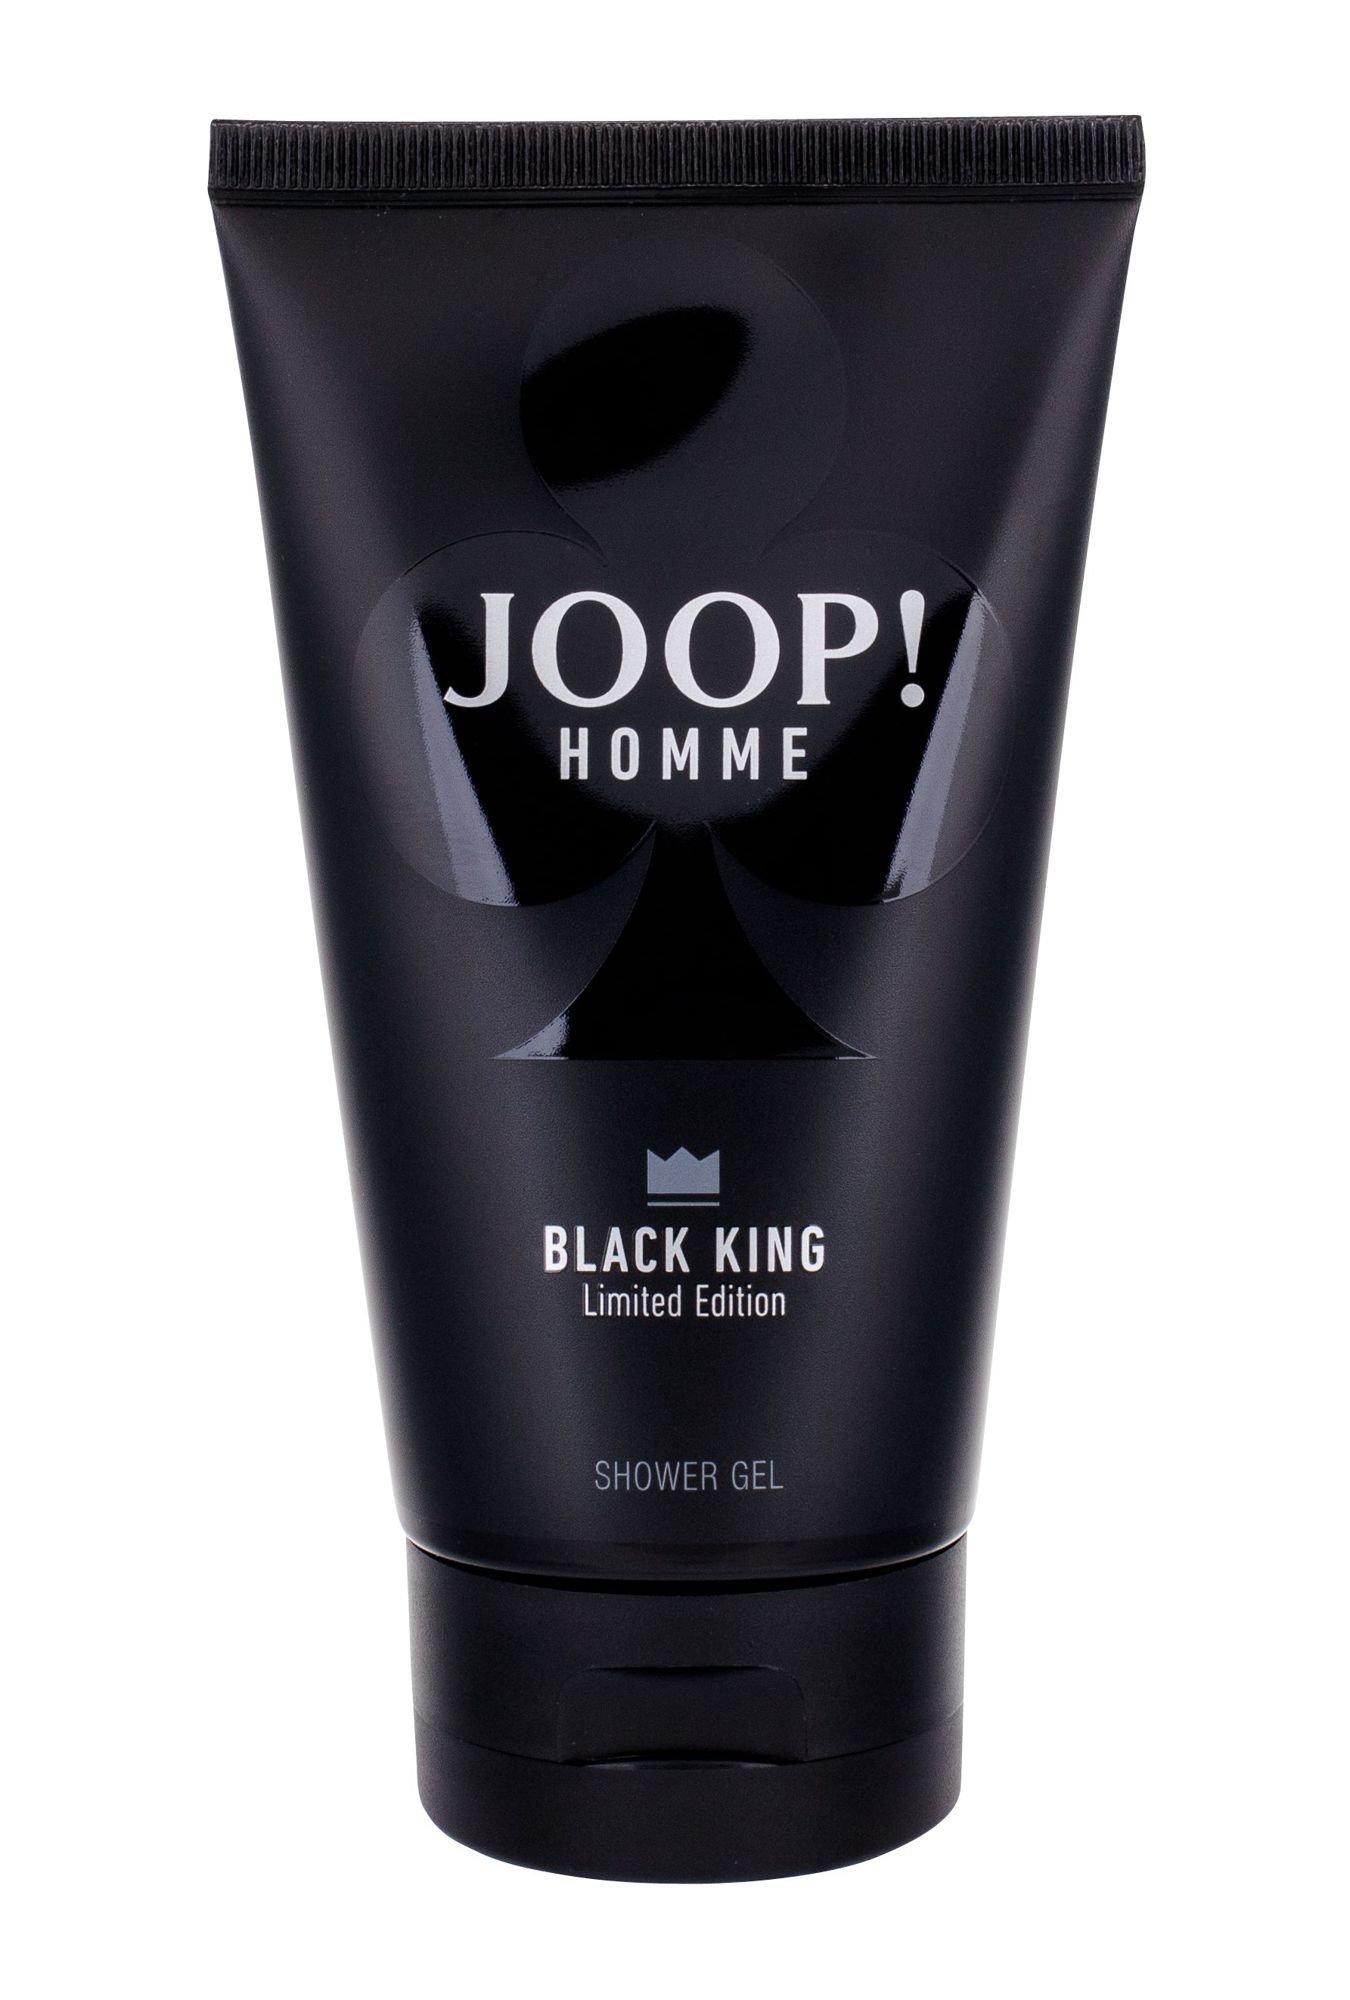 JOOP! Homme Black King, Sprchovací gél 150ml